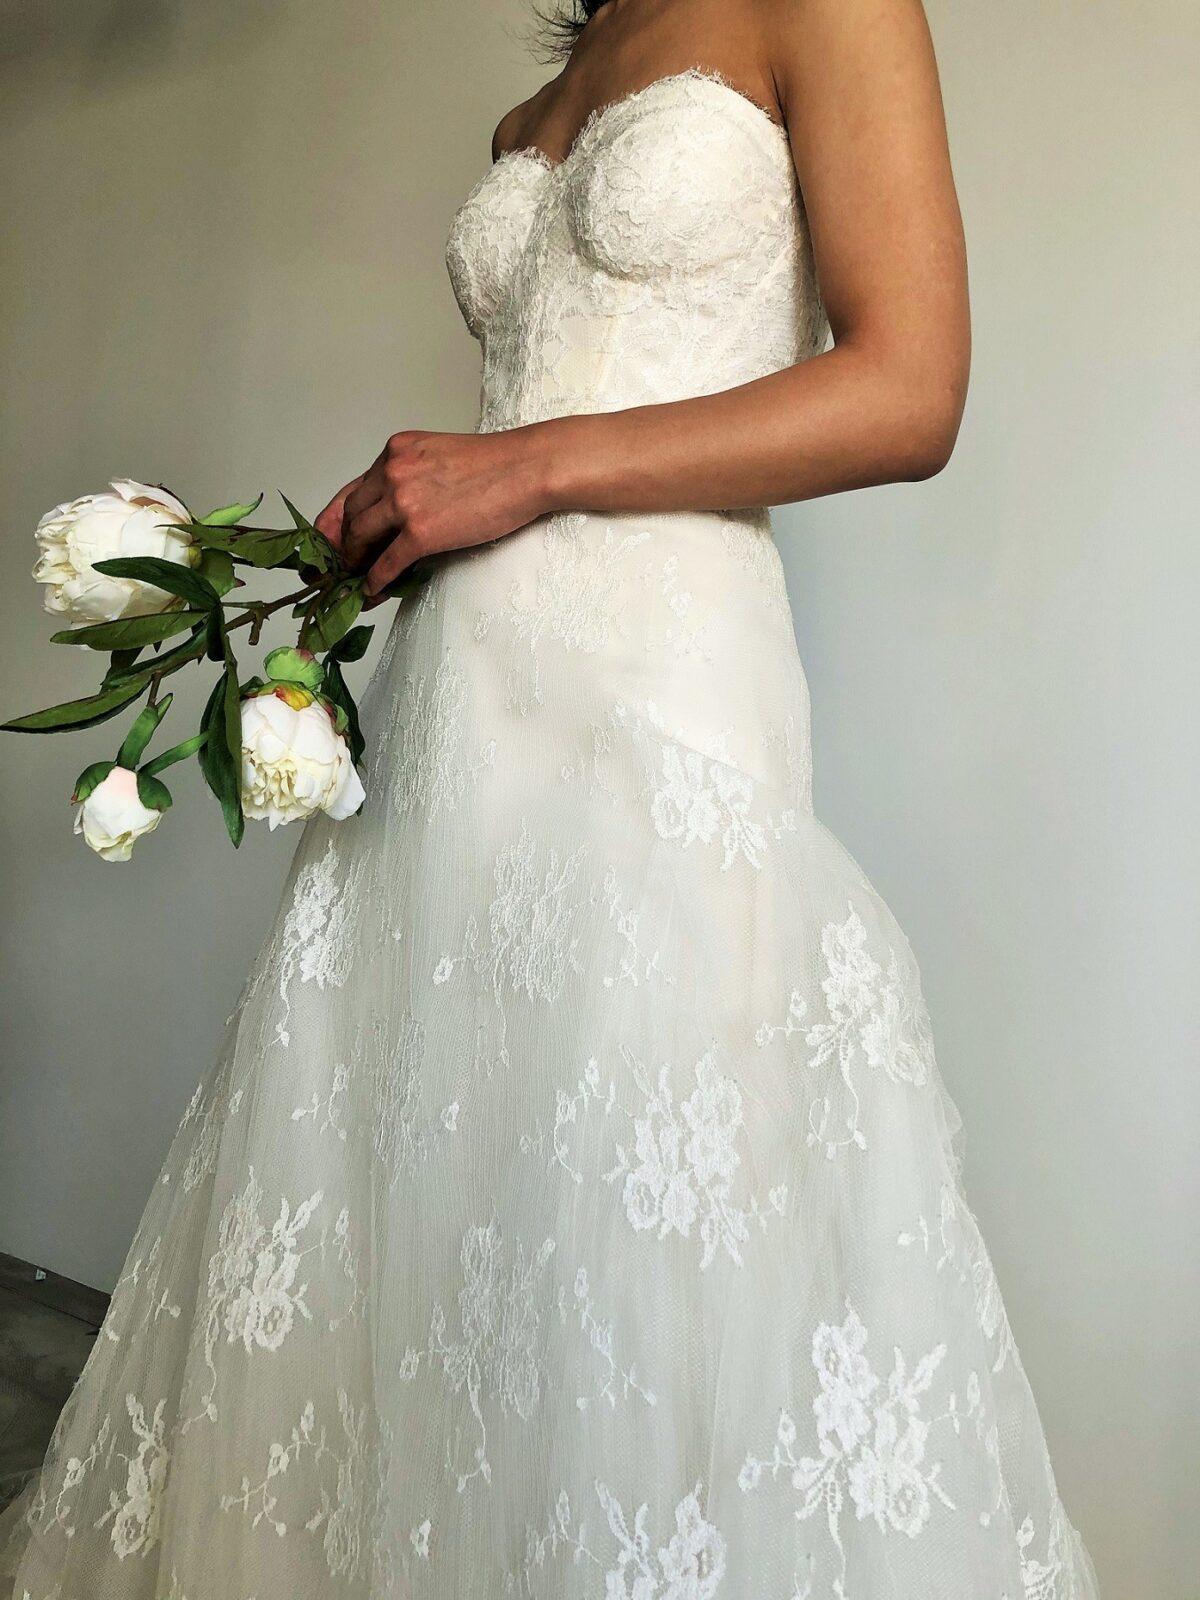 小さなお花がいくつか集まったレースがちりばめられたレンタルウェディングドレスはどんな会場でもお召しいただける1着です。